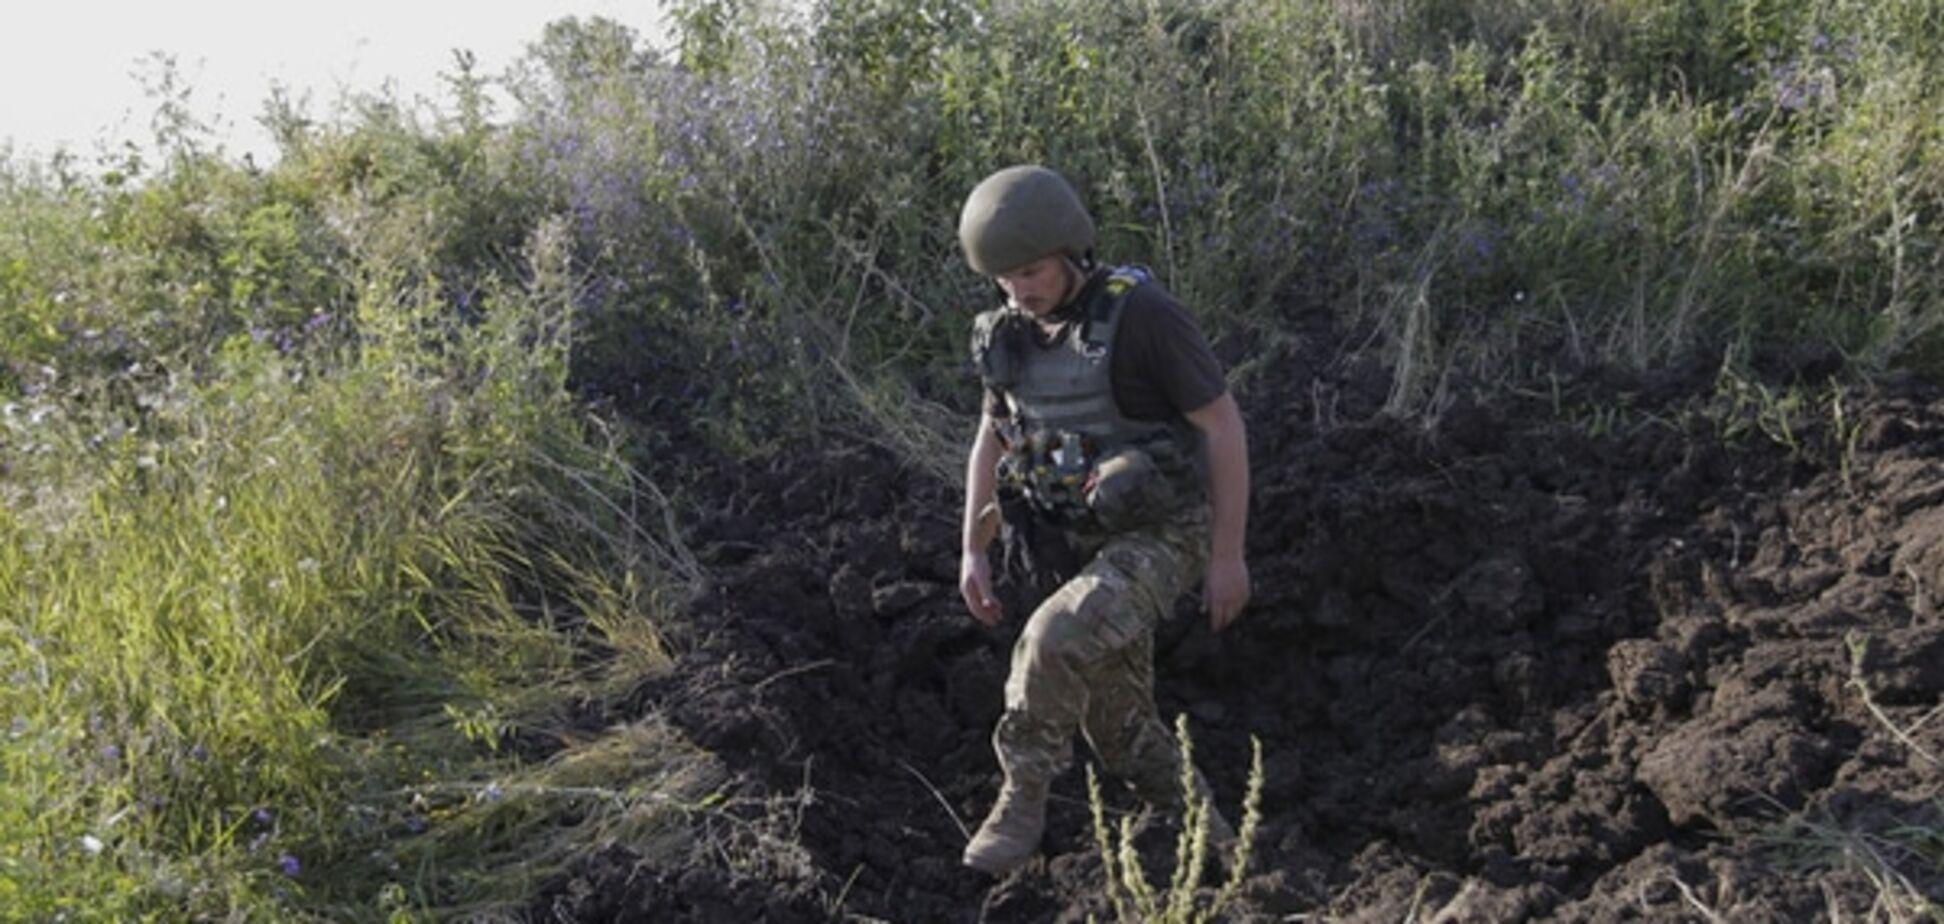 Каждому третьему бойцу АТО будет нужна помощь после Донбасса - психолог